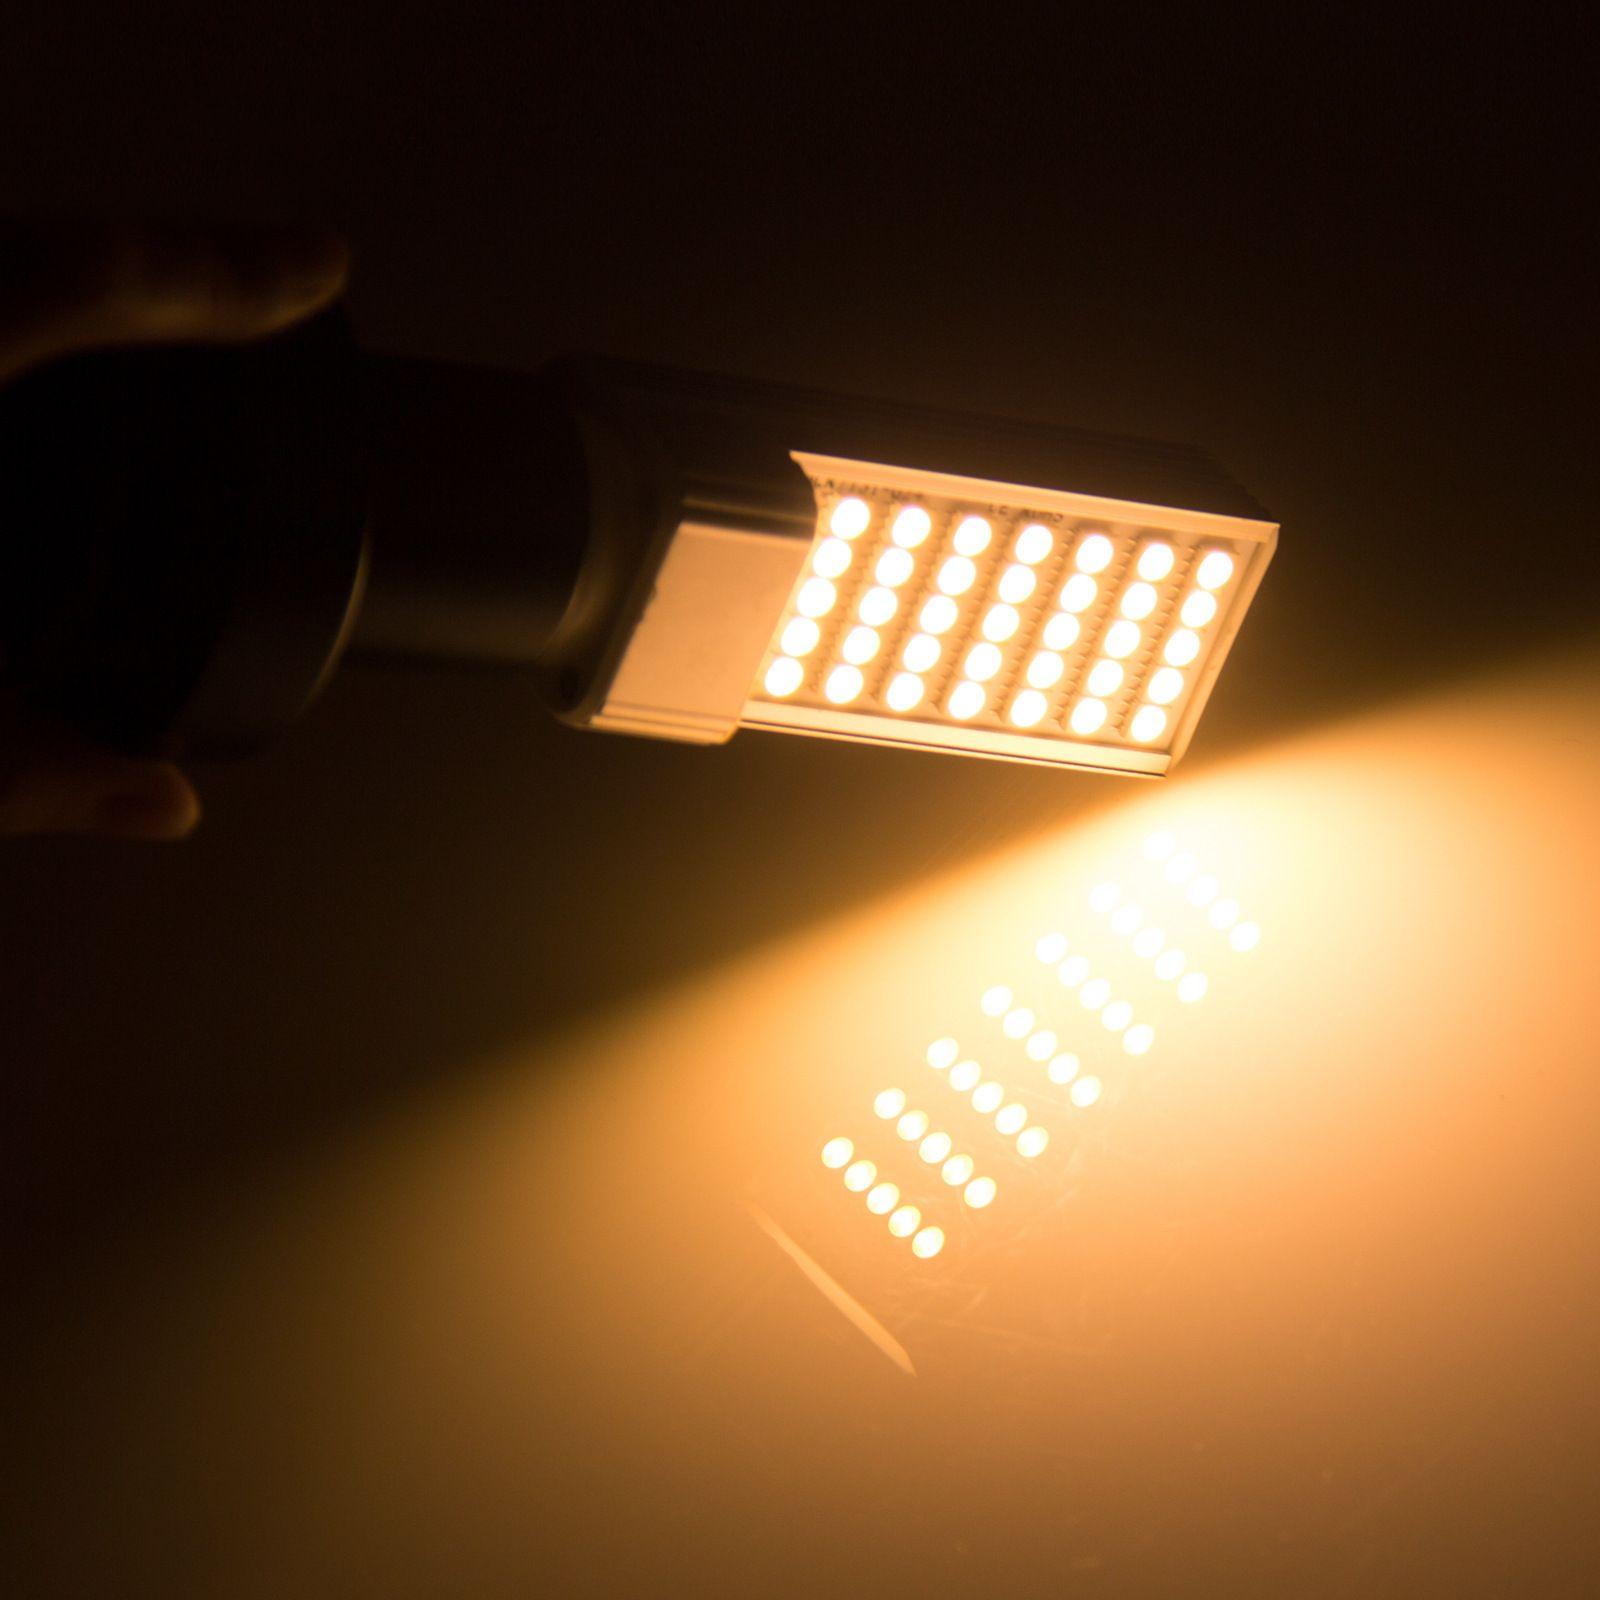 Horizontal Plug luces de bulbo maíz llevado E27 G24 G23 SMD 5050 180 degeree AC 85-265V 6W 7W 9W 10W 12W 14W 15W 60 LED llevó la iluminación de DHL